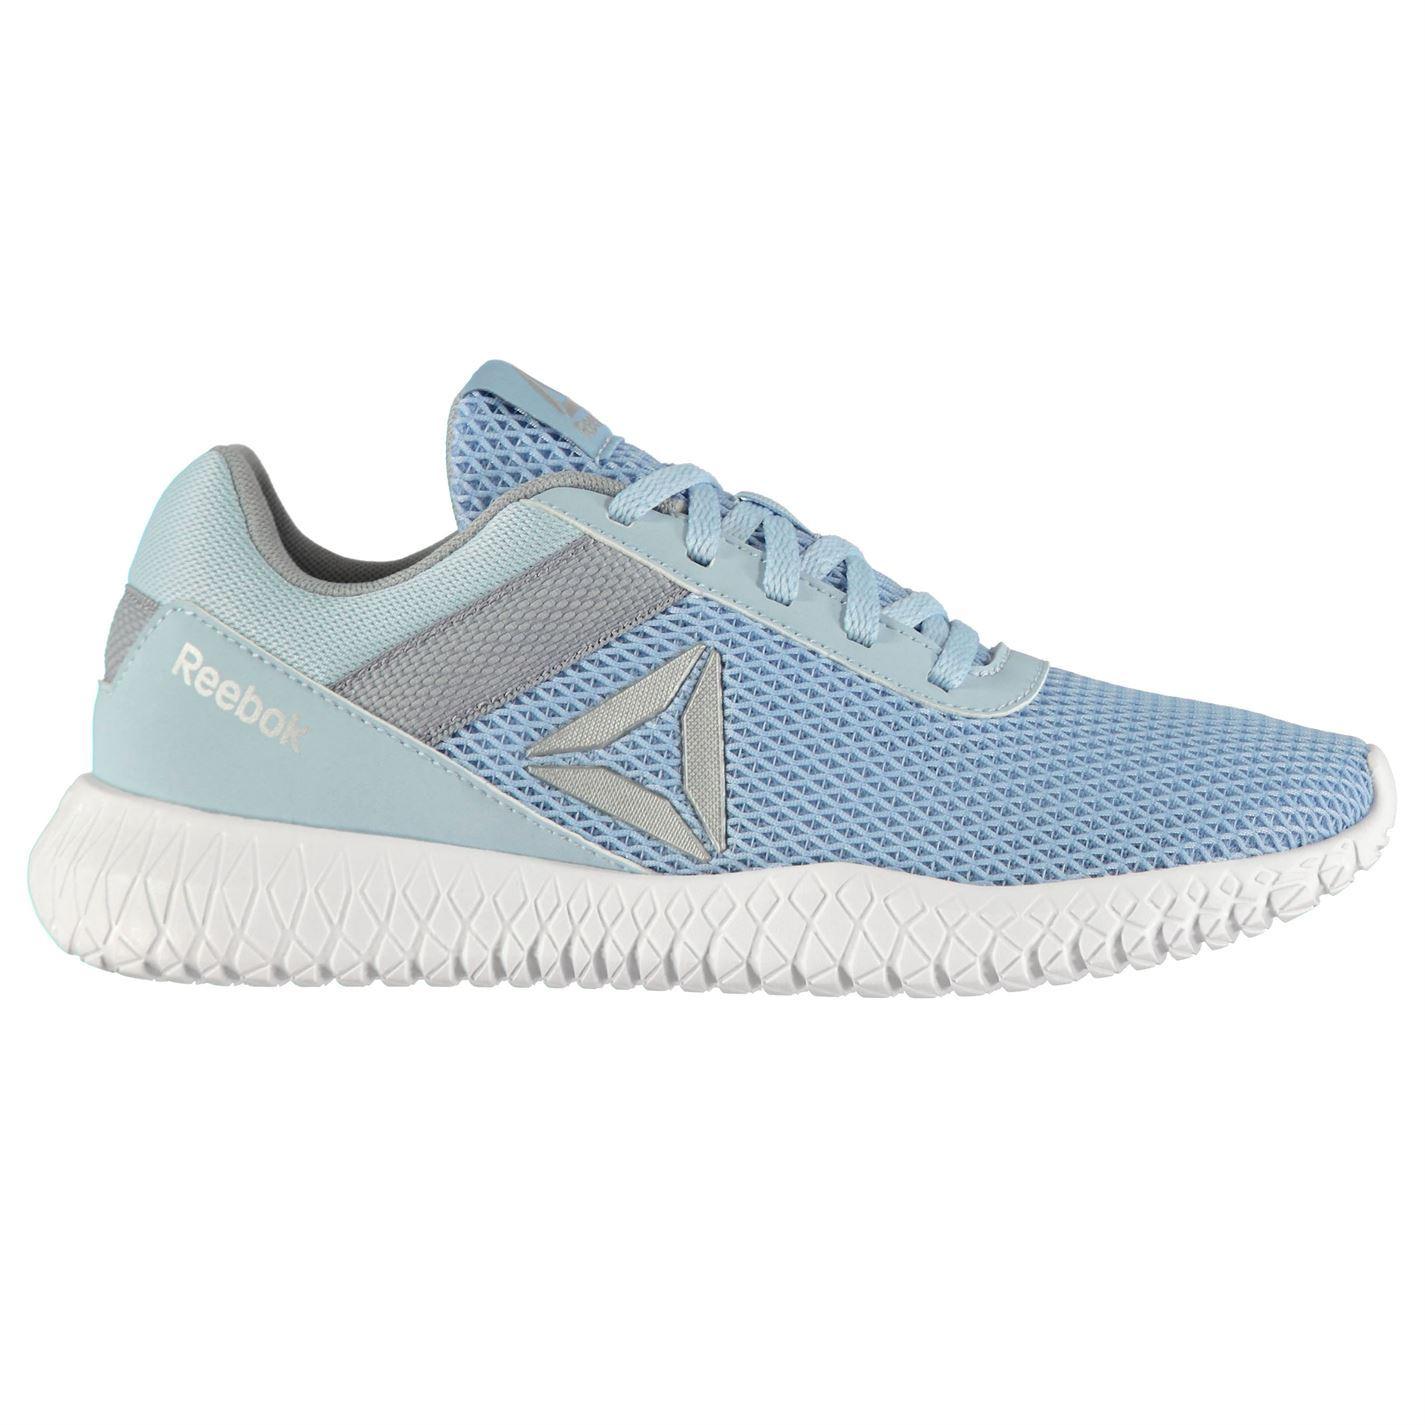 Detalles de Reebok Flex Energía Zapatillas Deportivas Mujer Fitness Gimnasio Entrenamiento